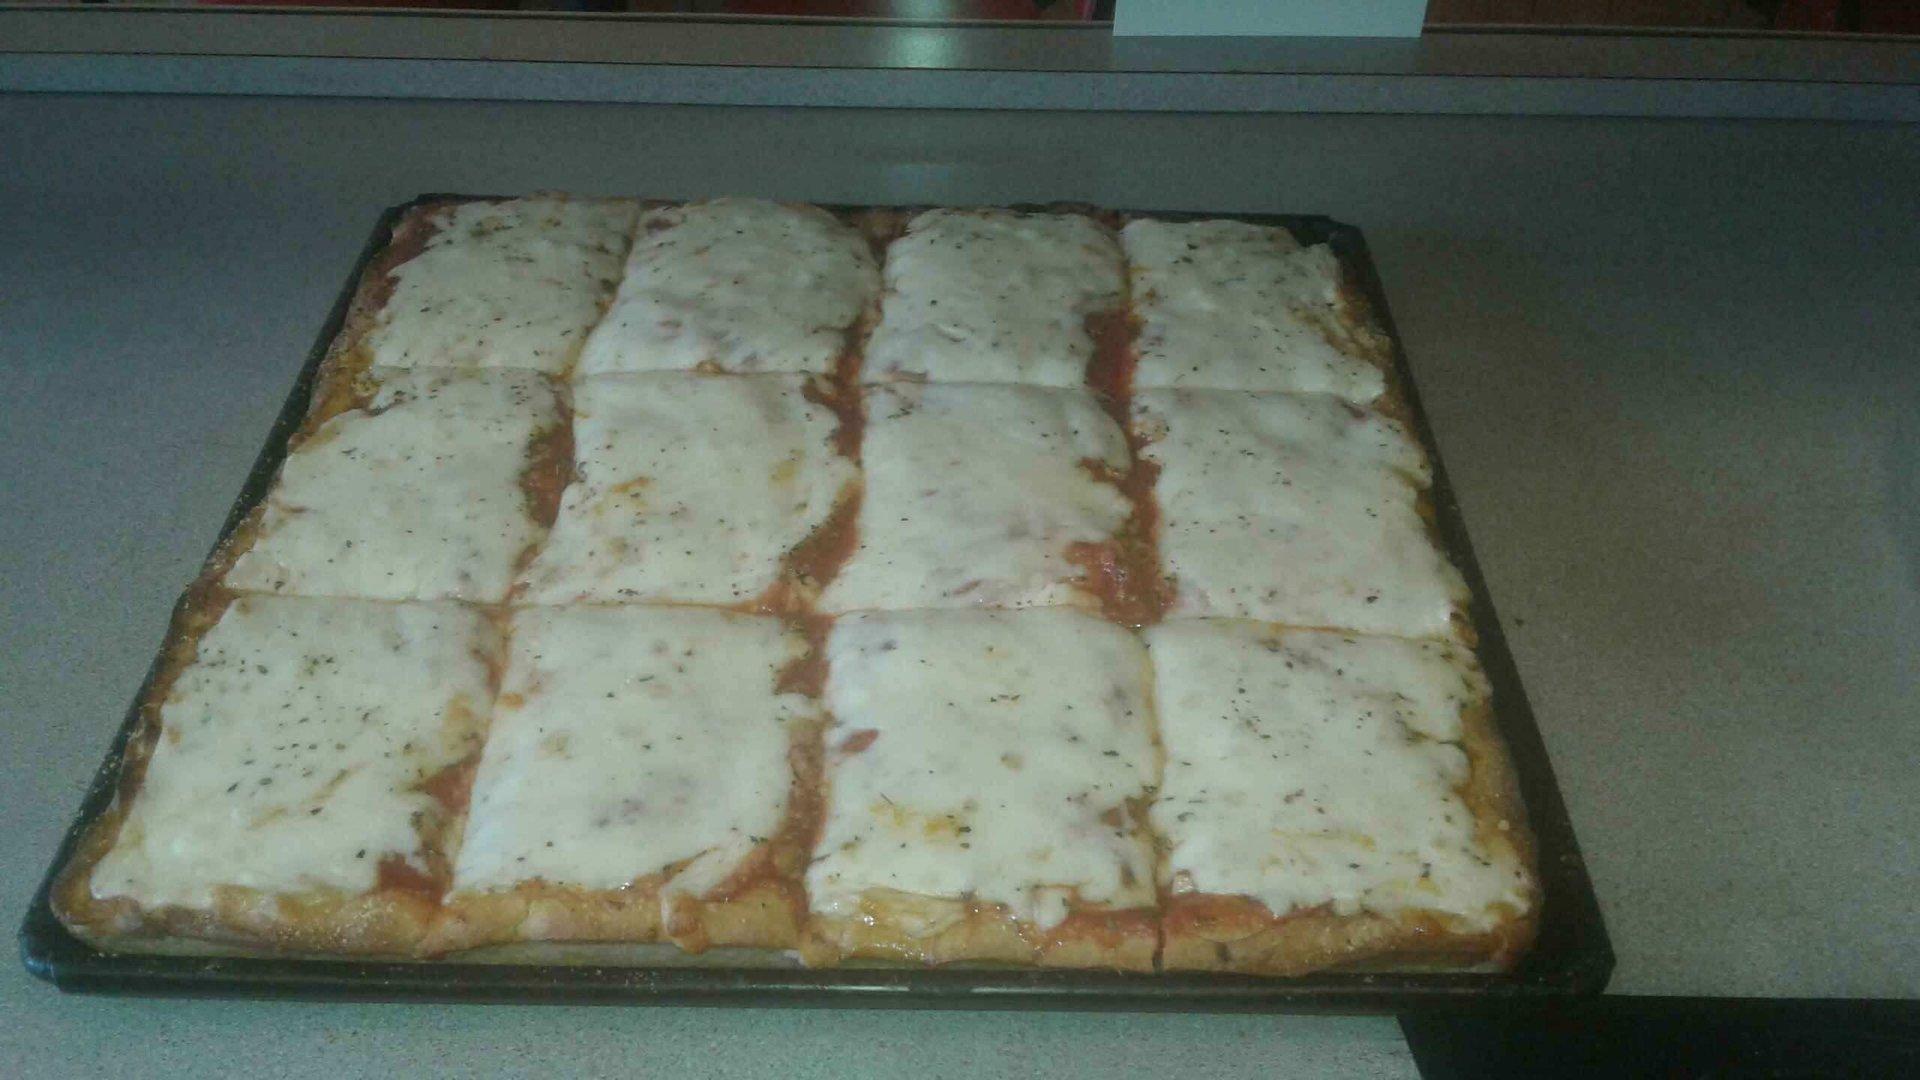 Tony D's Pizza image 2